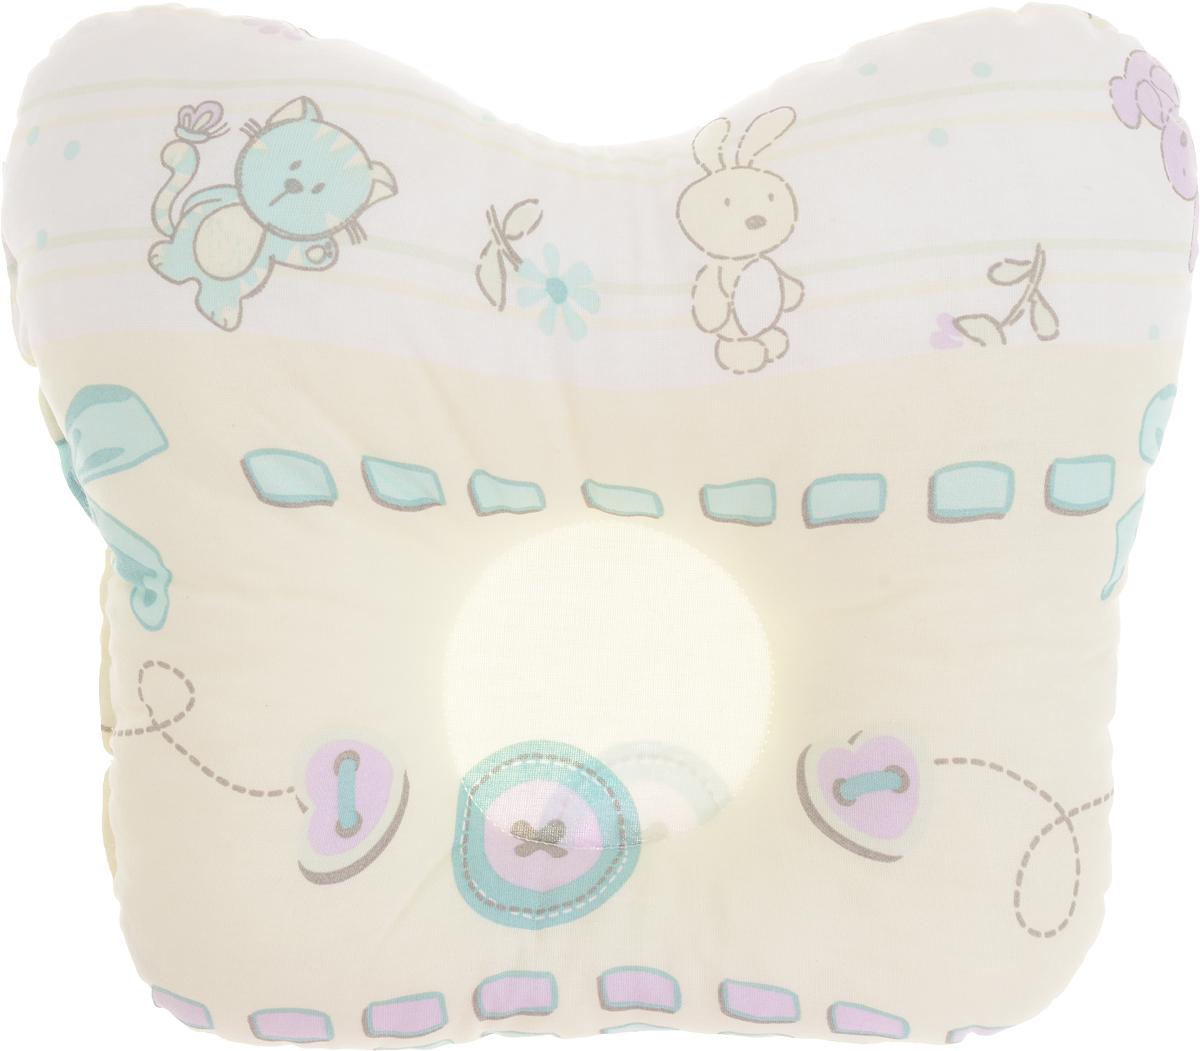 Сонный гномик Подушка анатомическая для младенцев Заяц и кот цвет желтый белый зеленый 27 х 25 см555А_желтый, белый, зеленый, пуговицаАнатомическая подушка для младенцев Сонный гномик Заяц и кот изготовлена из бязи - 100% хлопка. Наполнитель - синтепон в гранулах (100% полиэстер).Подушка компактна и удобна для пеленания малыша и кормления на руках, она также незаменима для сна ребенка в кроватке и комфортна для использования в коляске на прогулке. Углубление в подушке фиксирует правильное положение головы ребенка.Подушка помогает правильному формированию шейного отдела позвоночника.